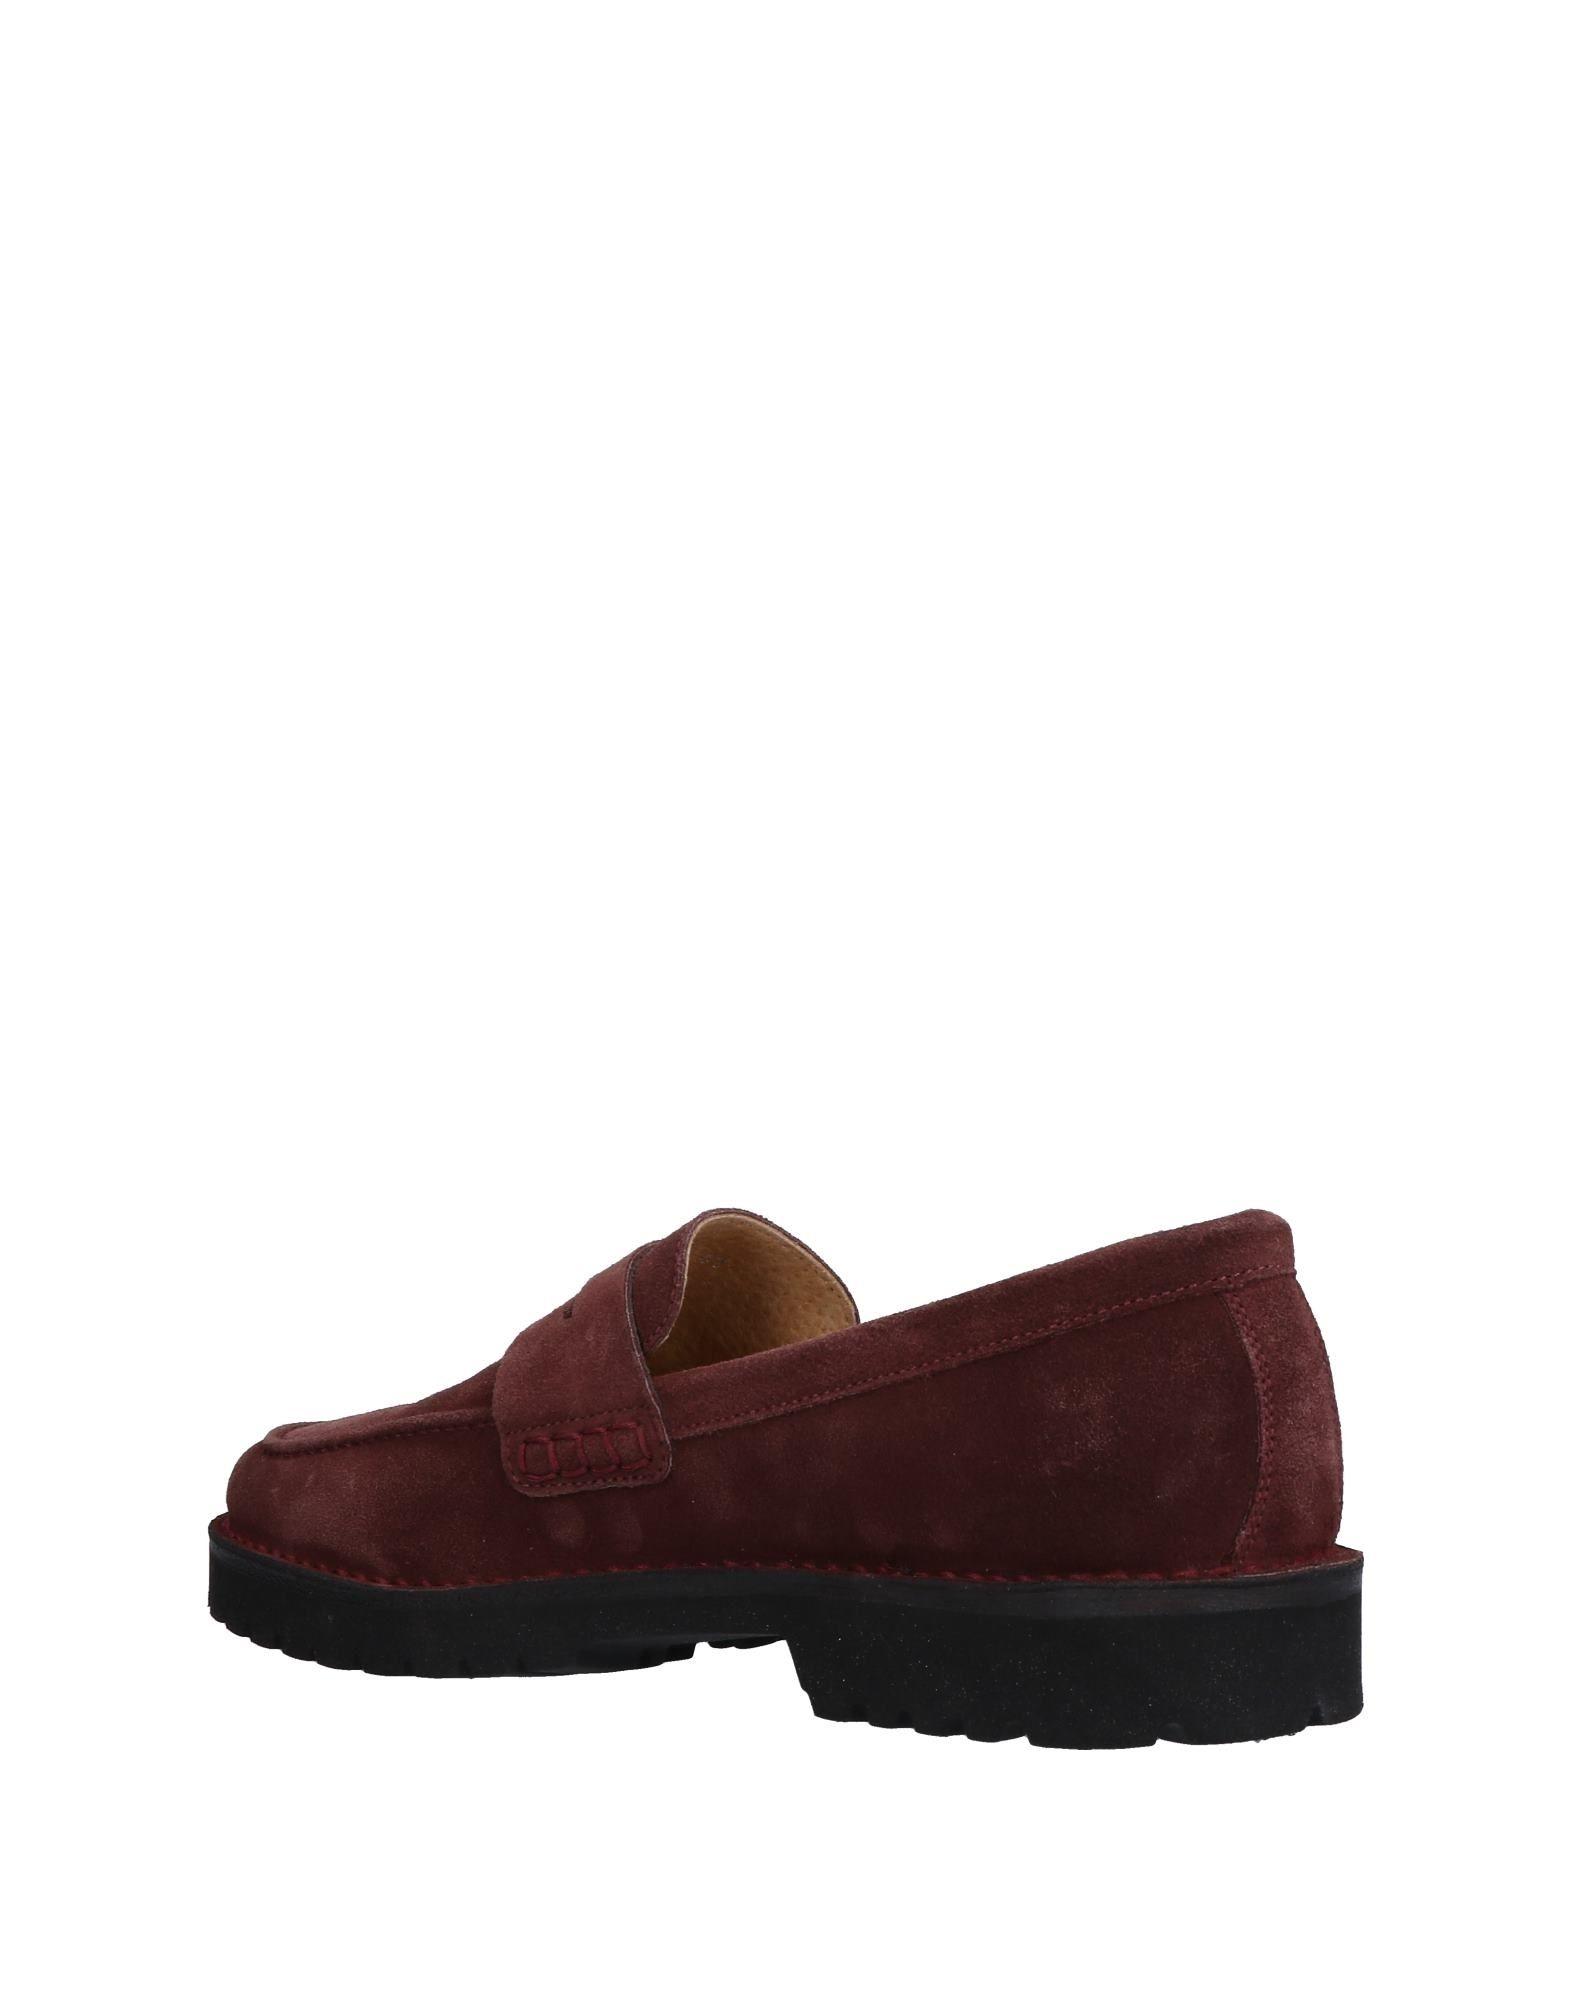 Cantarelli Mokassins Qualität Herren  11502382AT Gute Qualität Mokassins beliebte Schuhe d440b3